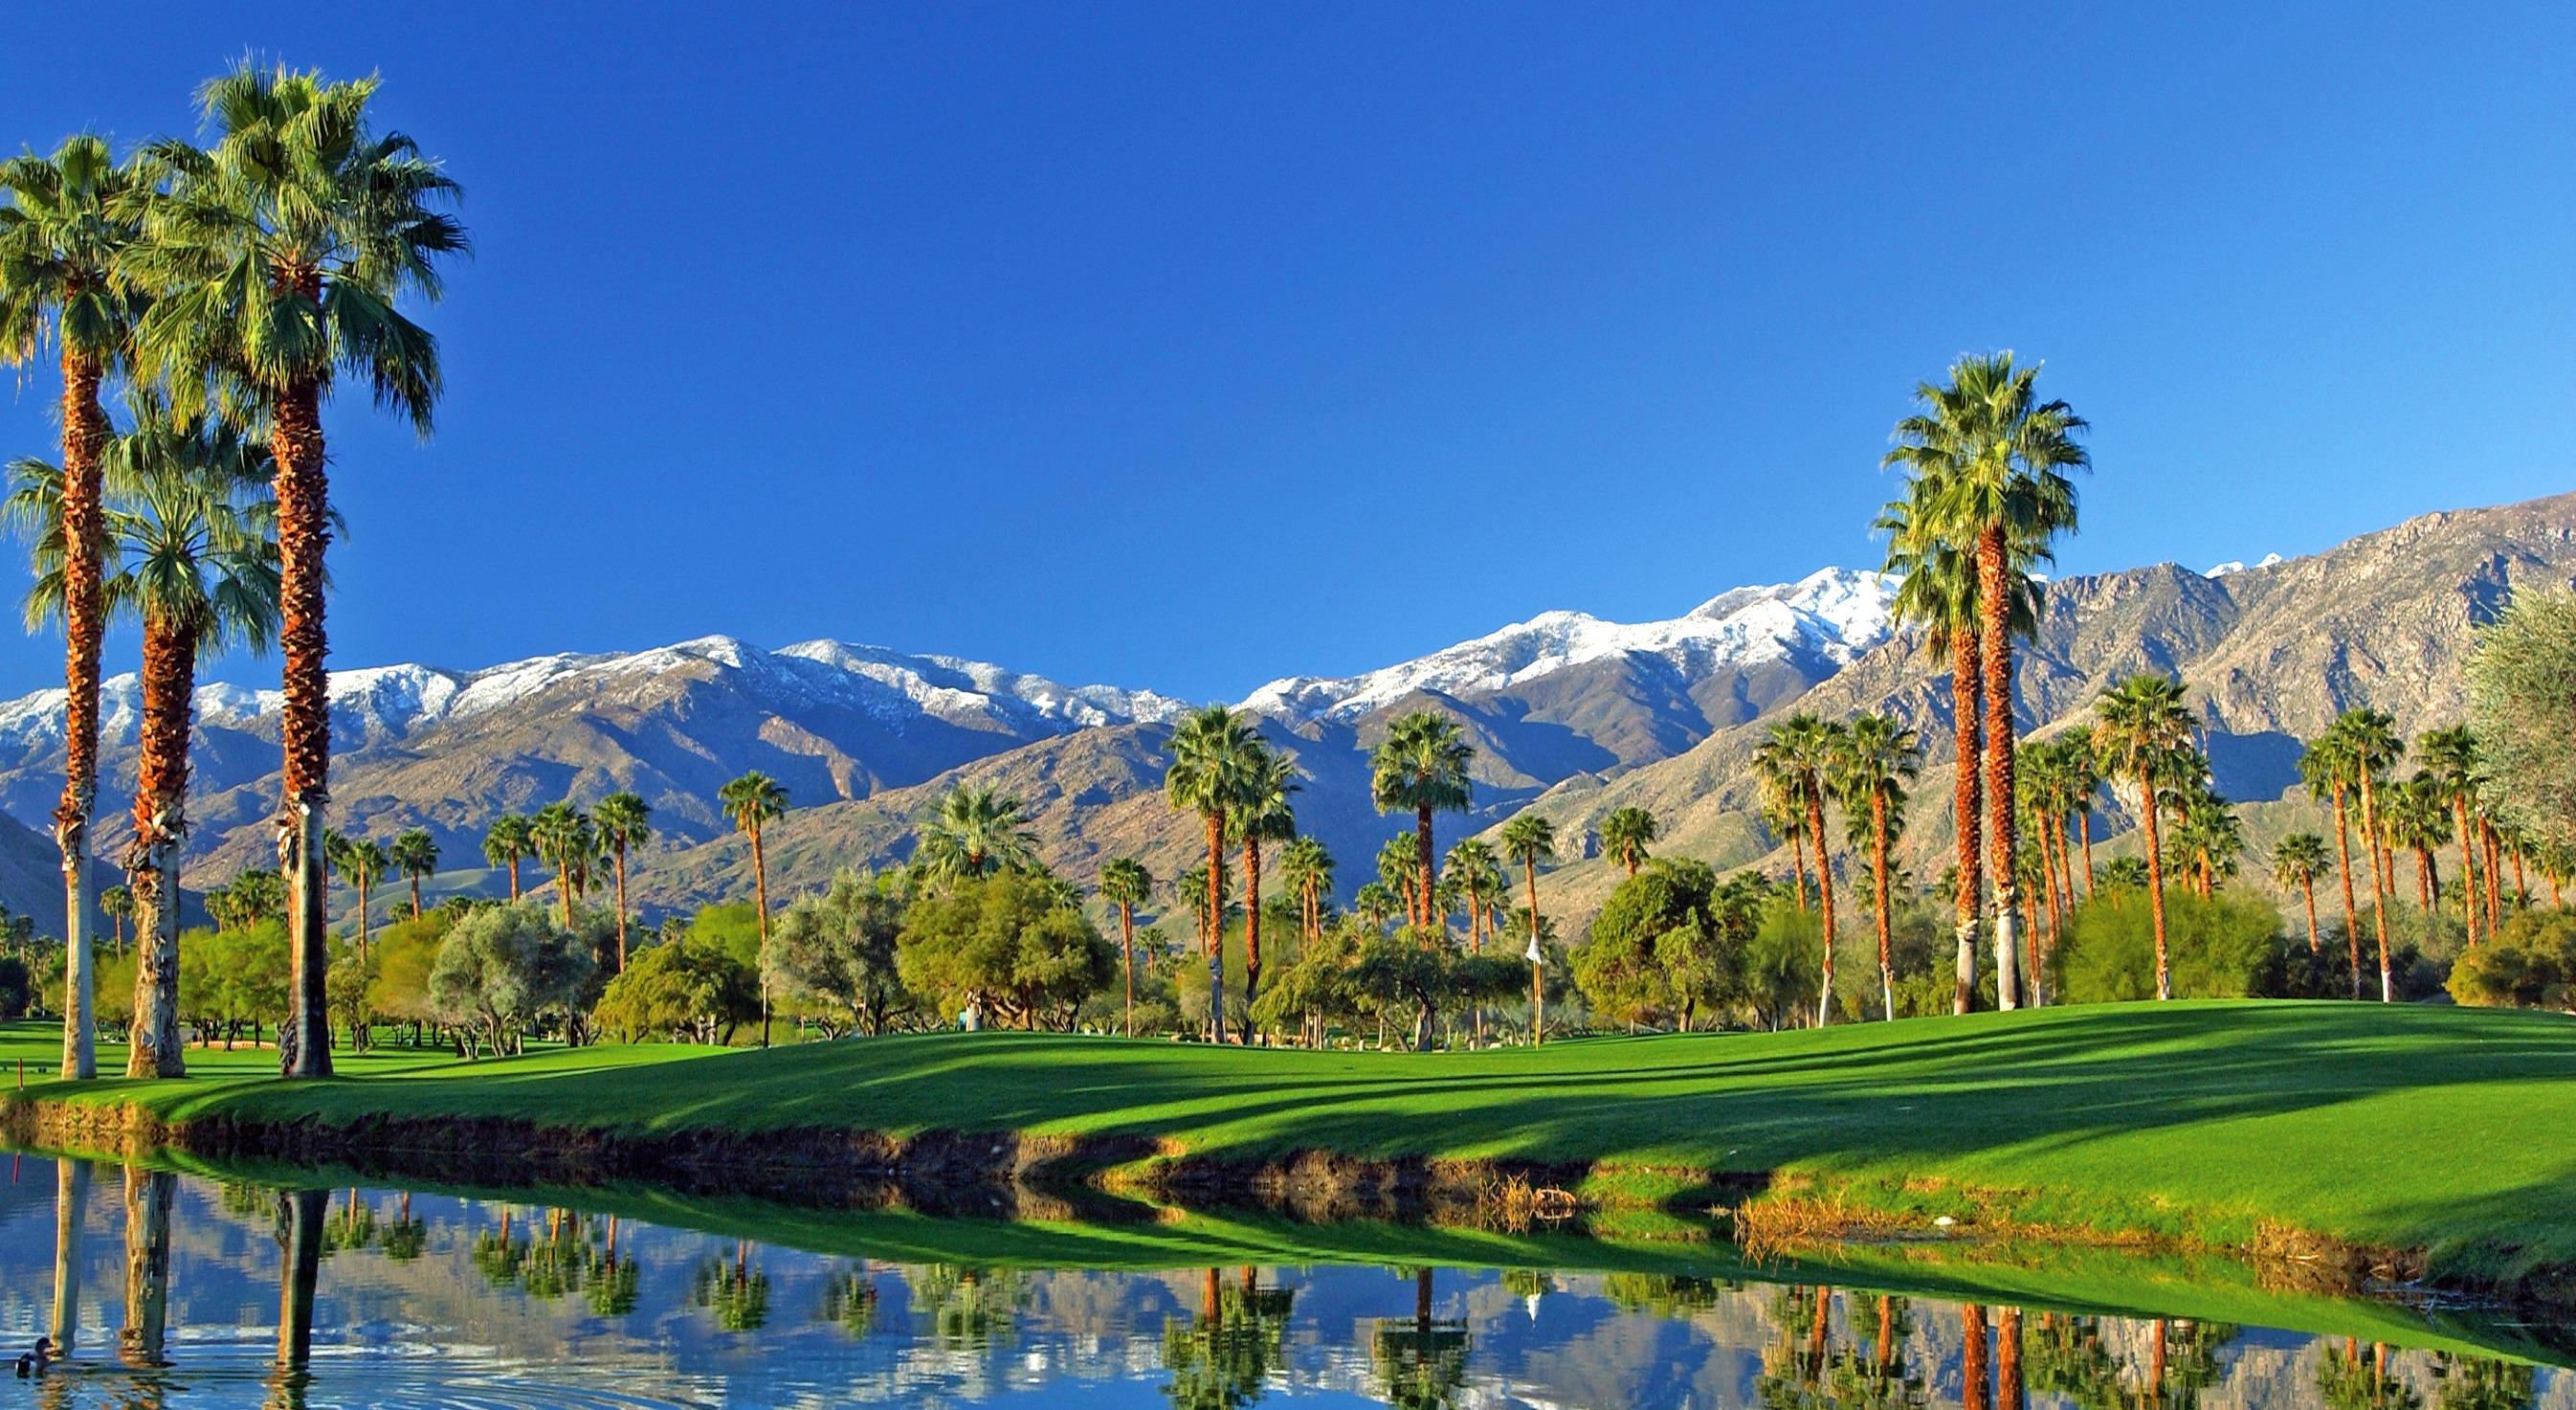 5-31-13 Palm Springs